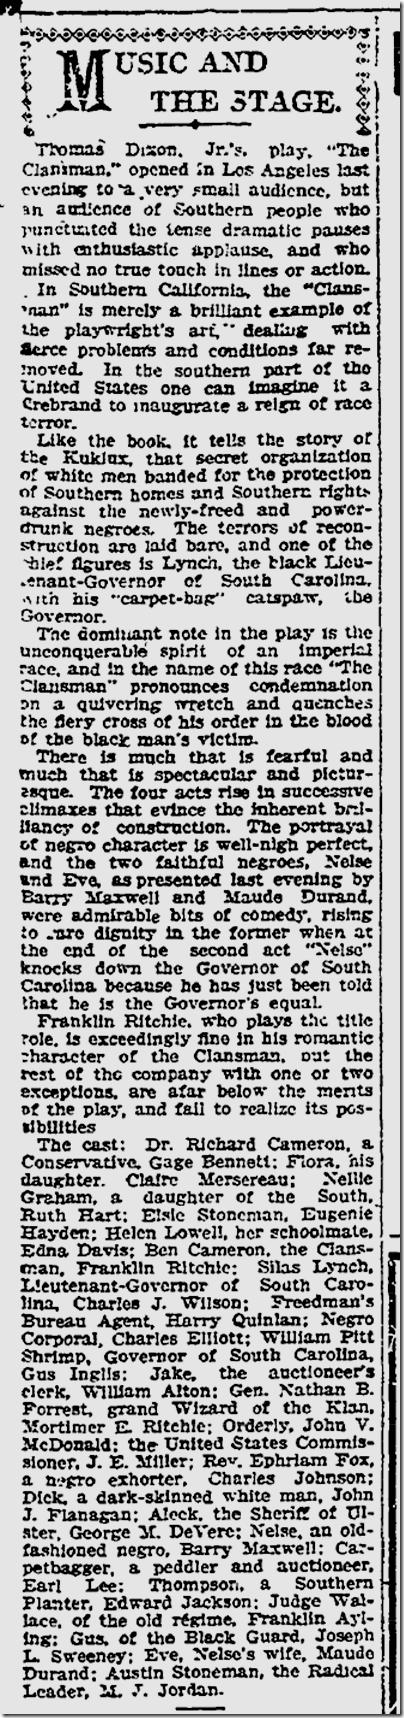 Dec. 1, 1908, The Clansman